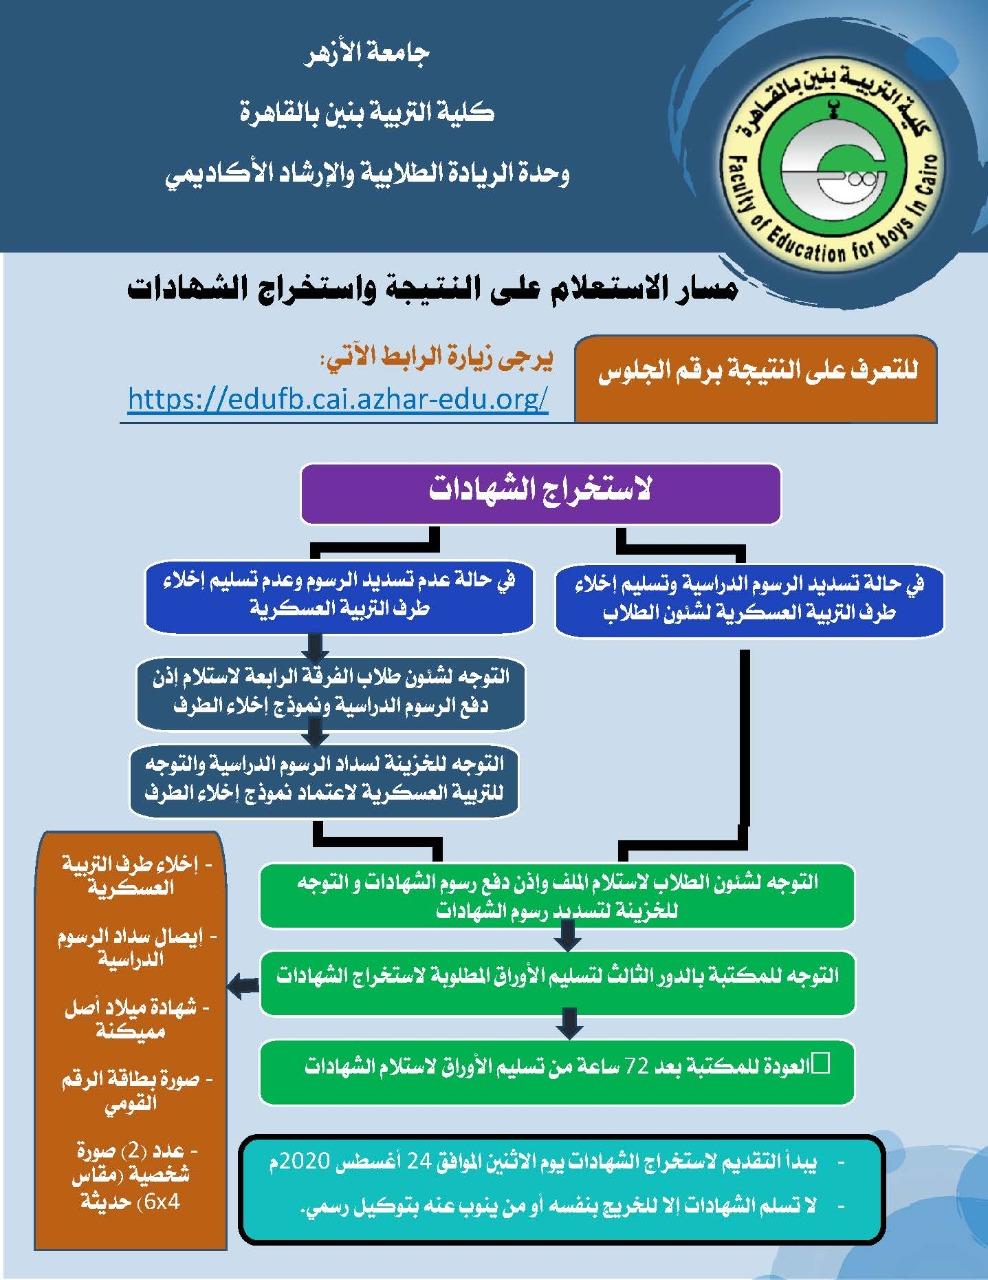 نتيجة الفرقة الرابعة بكلية التربية - جامعة الأزهر